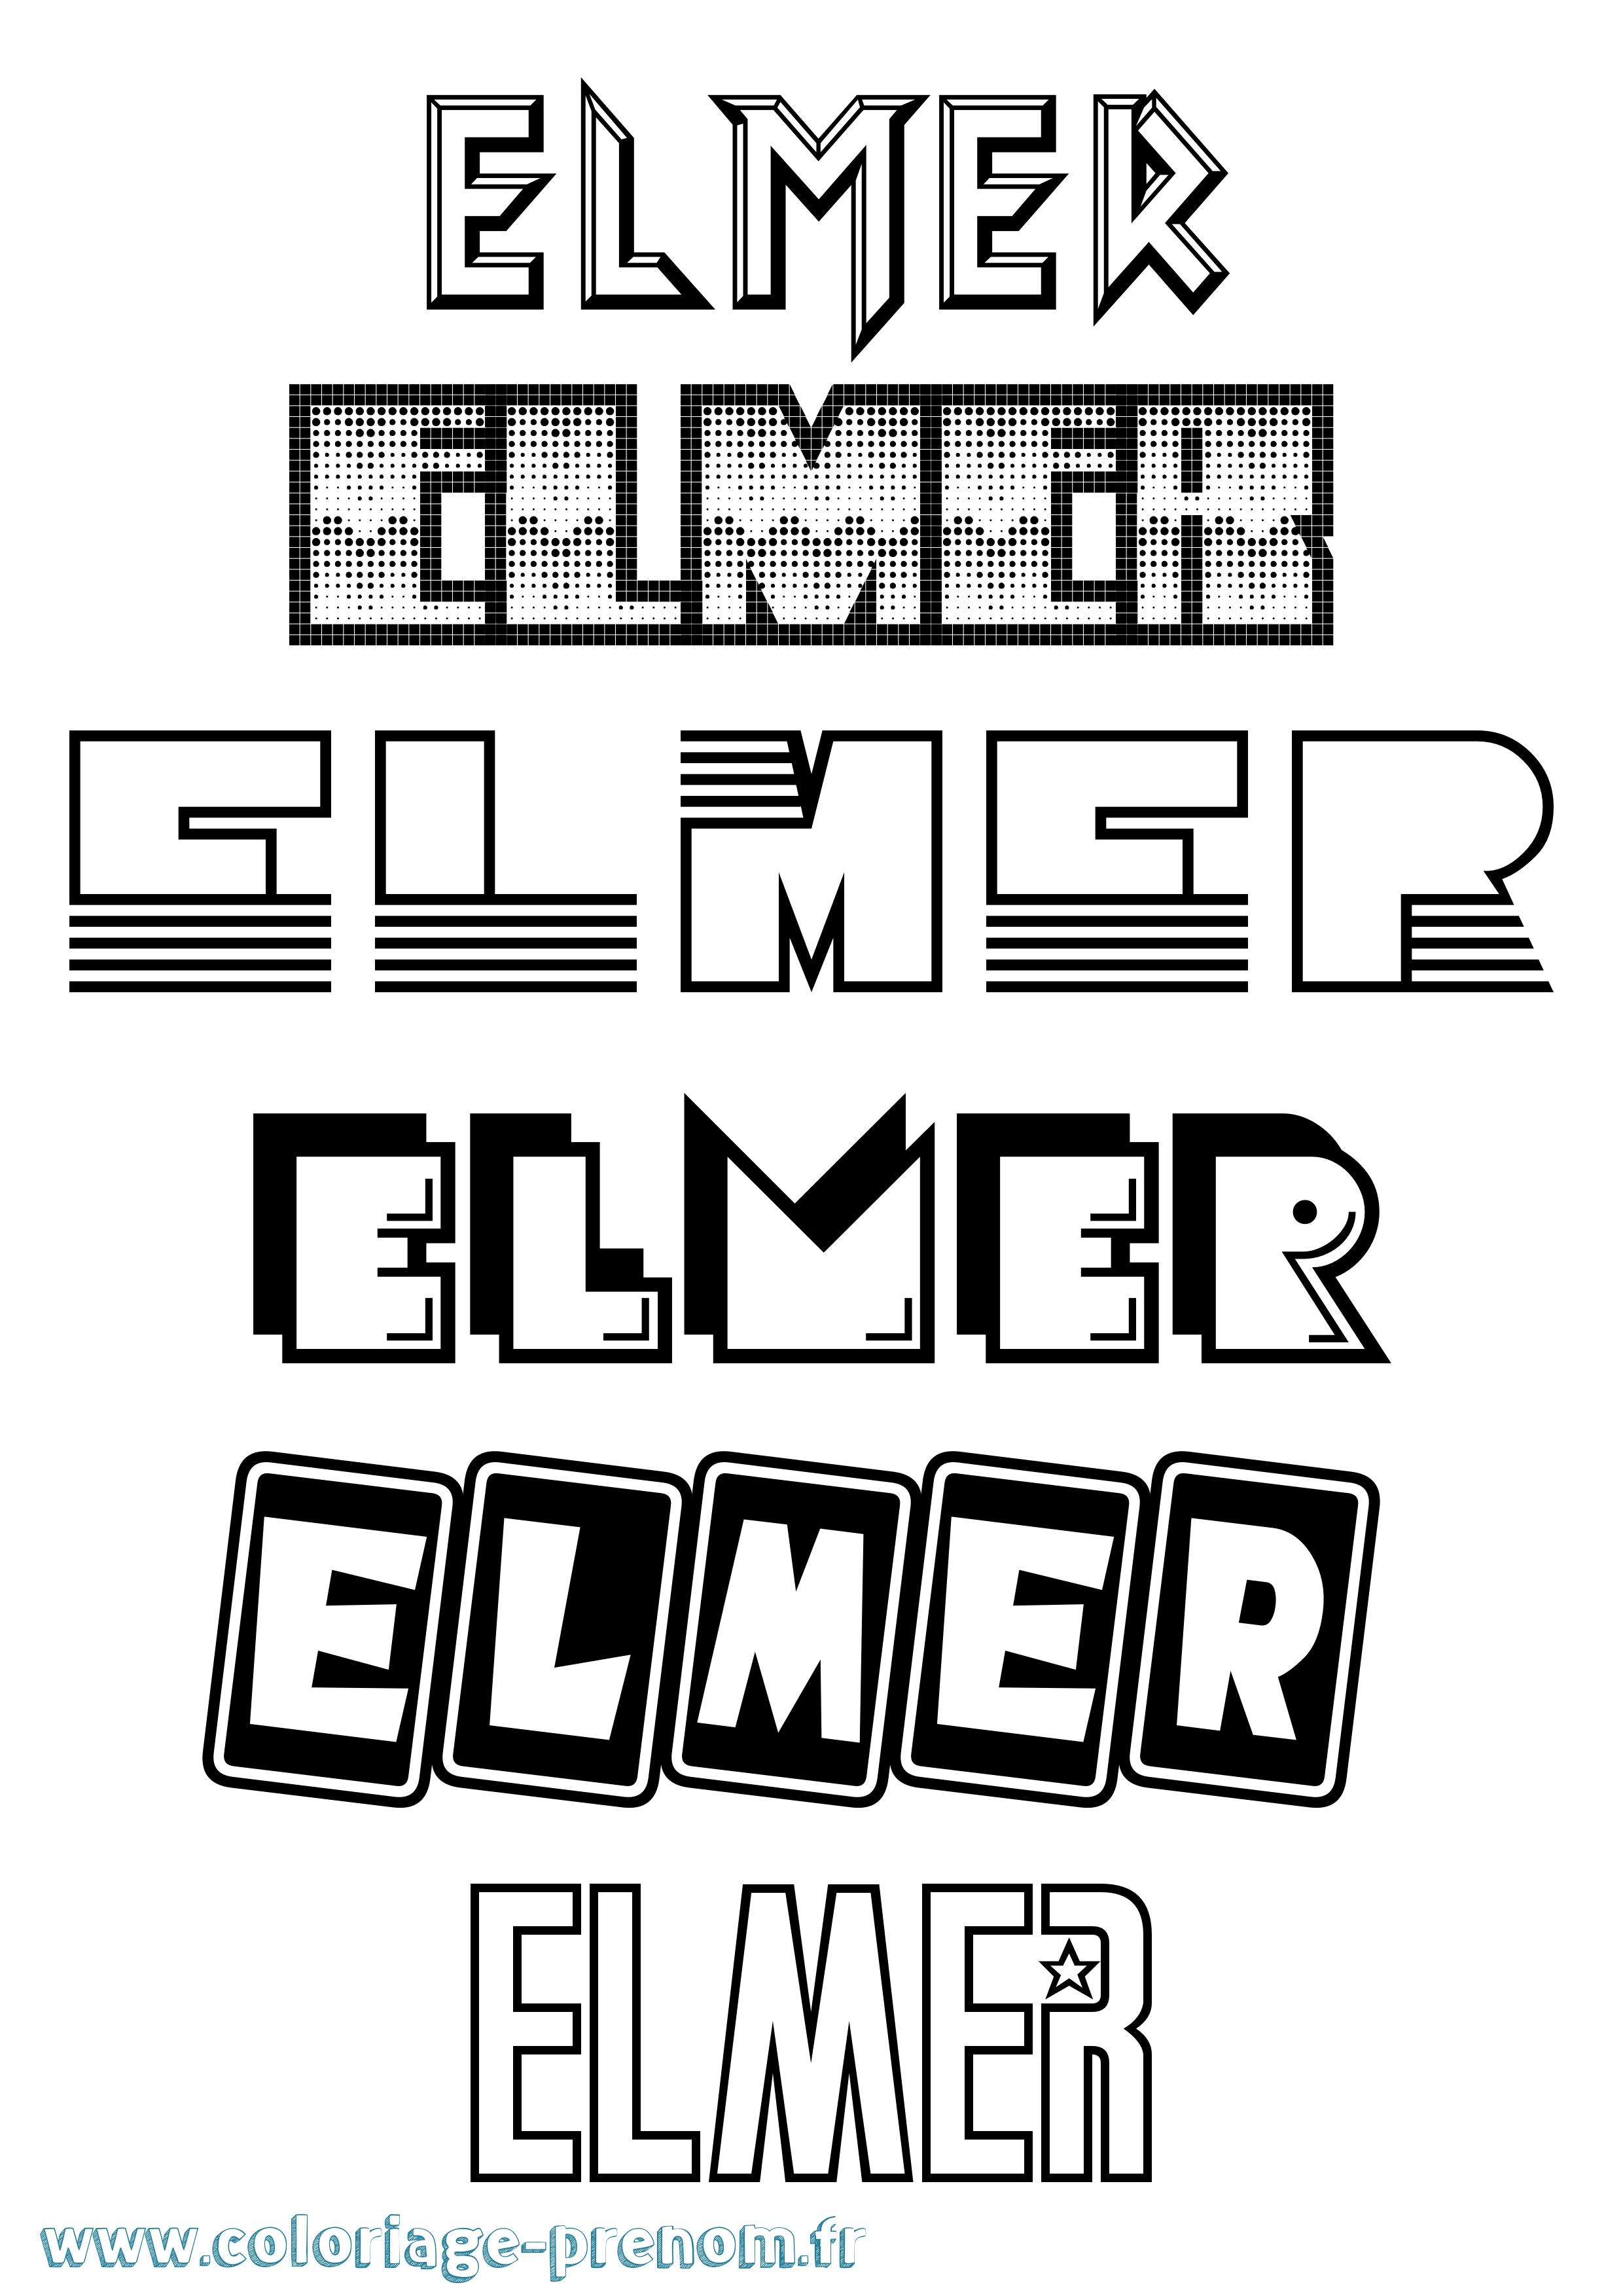 Coloriage du prénom Elmer : à Imprimer ou Télécharger facilement